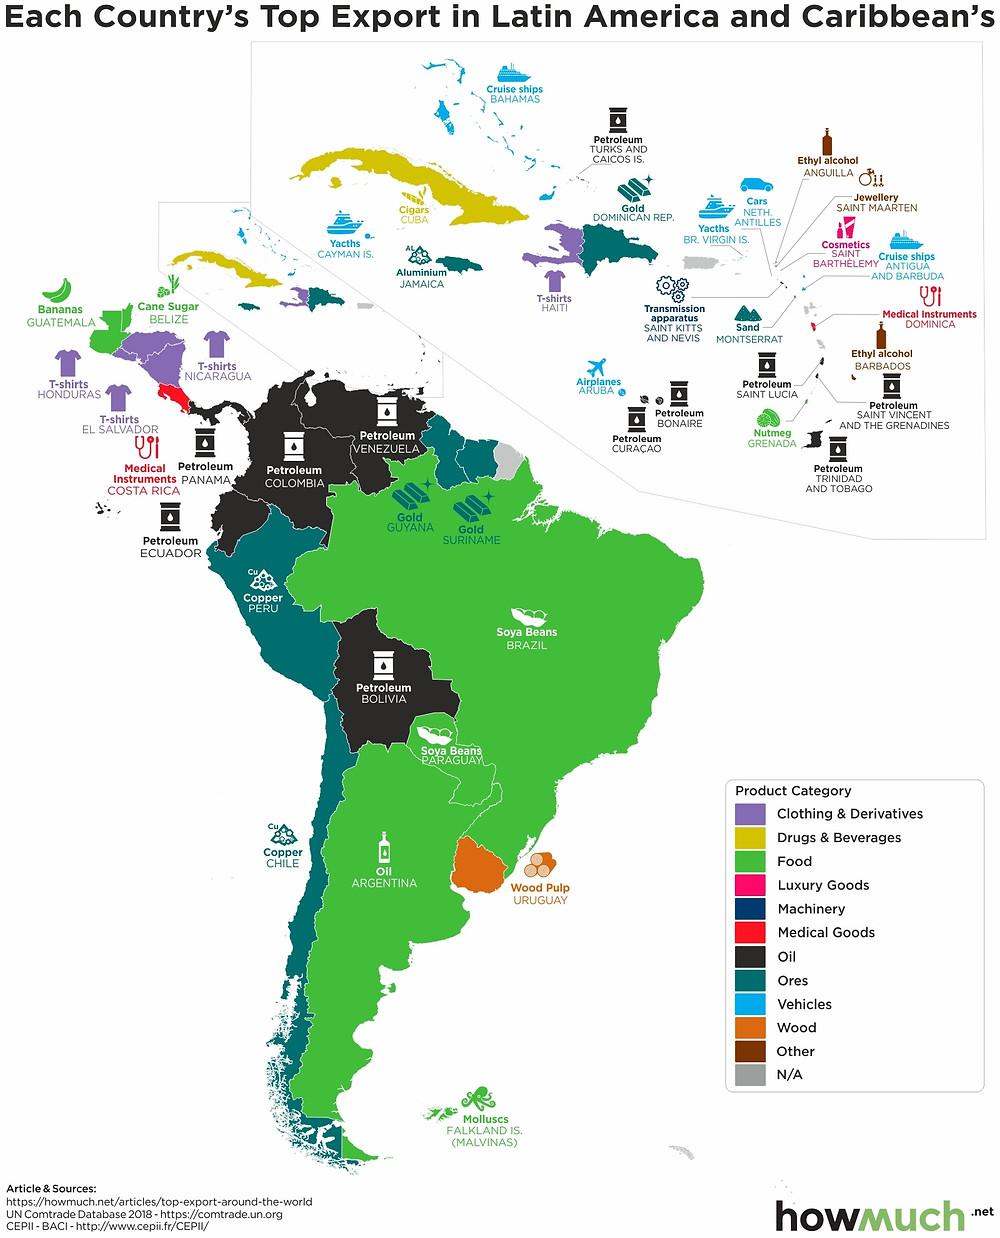 Найбільша експортна галузь країн в Південній та Центральній Америці